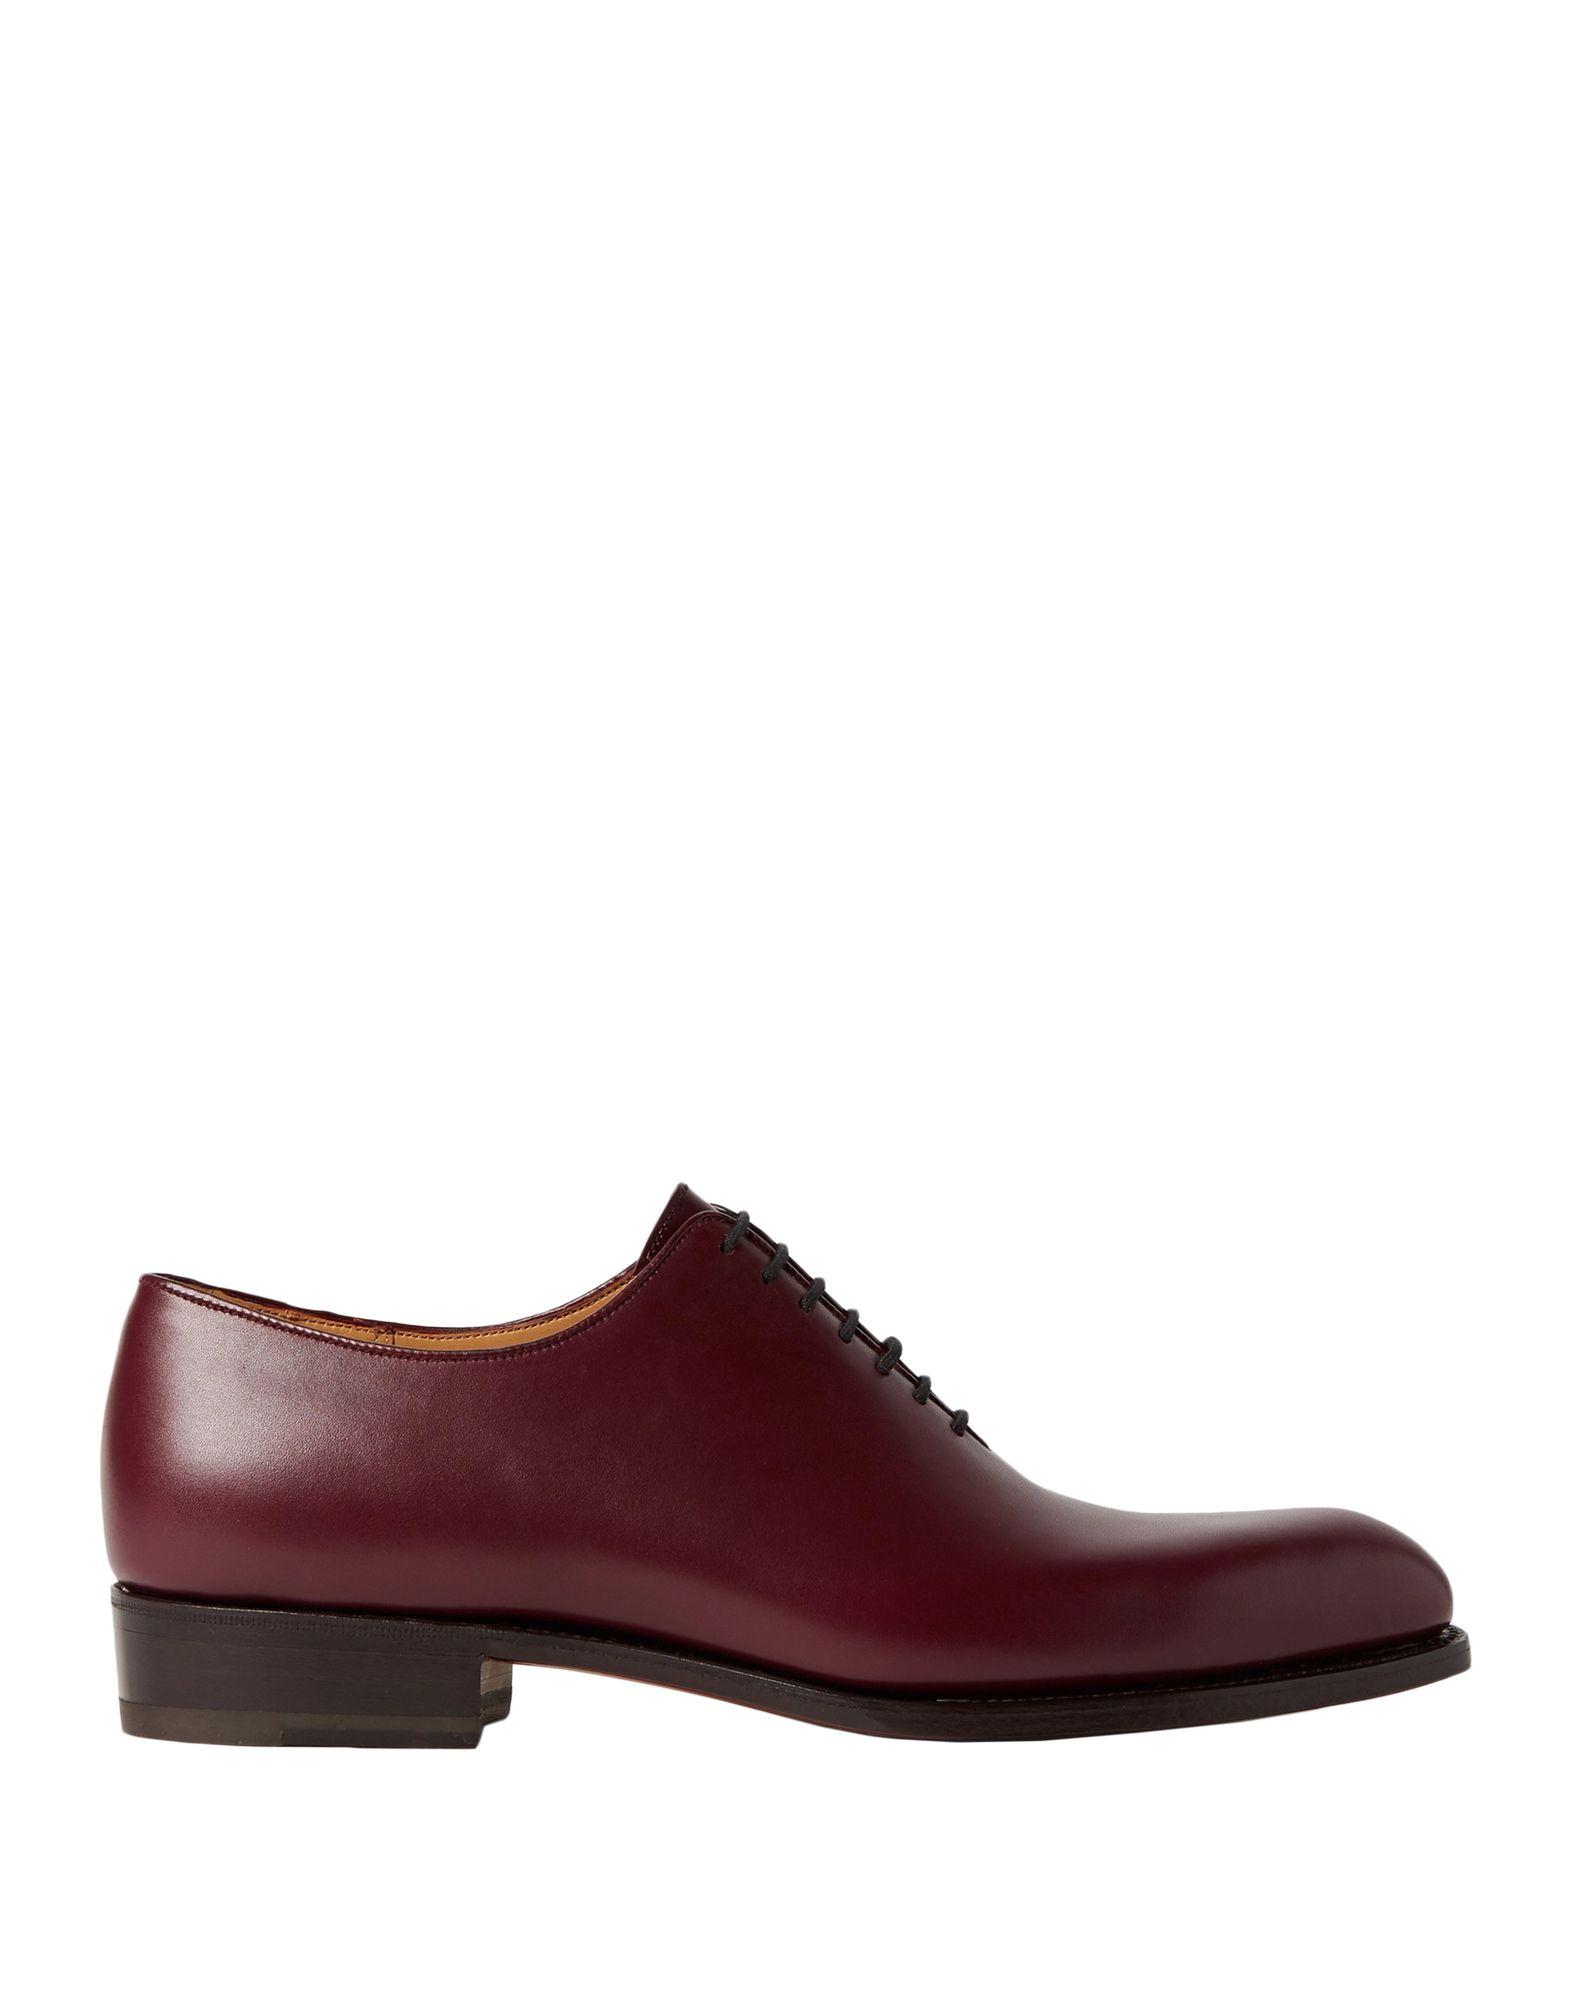 J.m. Weston Shoes LACE-UP SHOES